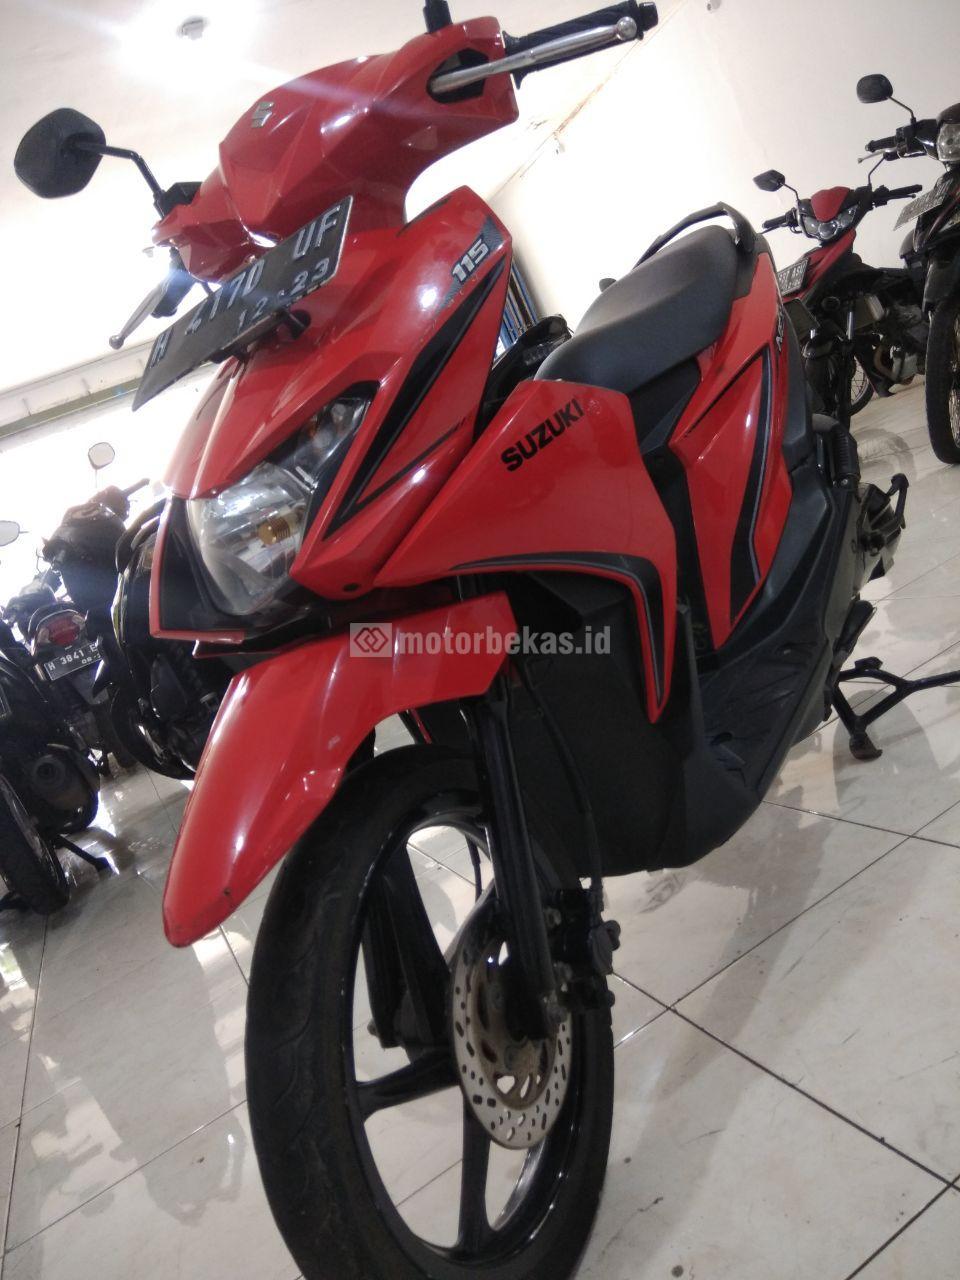 SUZUKI NEX  2141 motorbekas.id